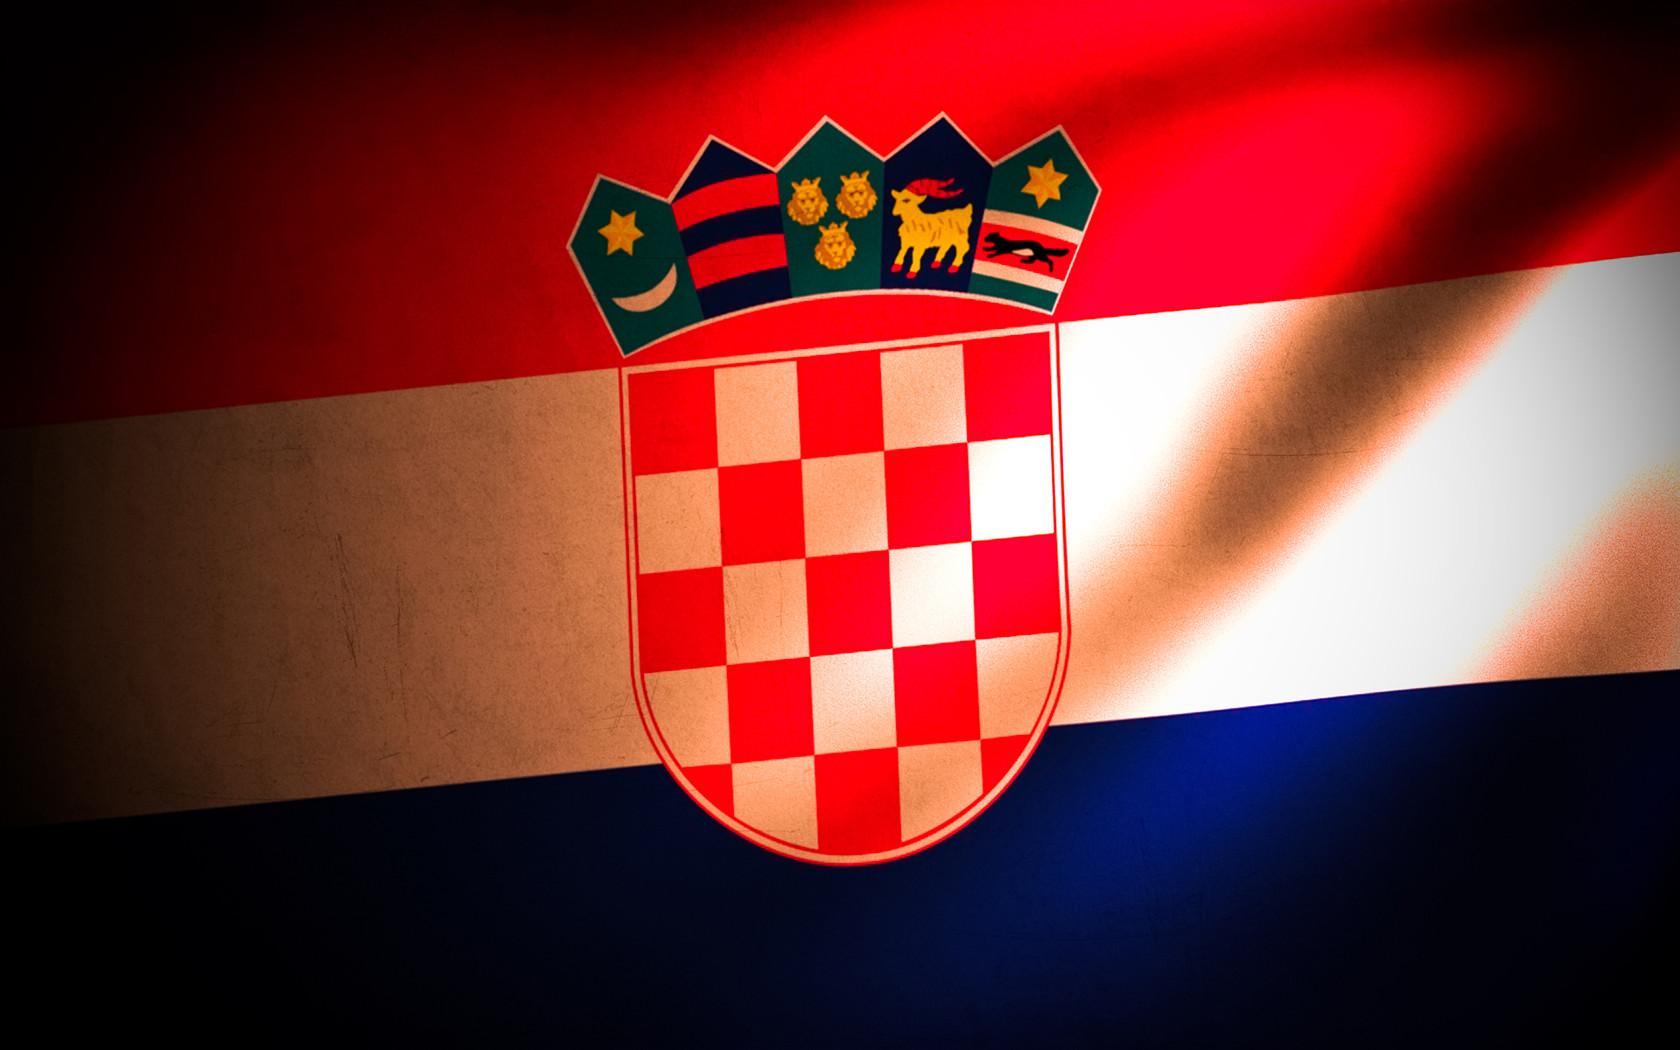 克罗地亚创意设计PPT背景图片免费下载是由PPT宝藏(www.pptbz.com)会员zengmin上传推荐的简约PPT背景图片, 更新时间为2017-01-21,素材编号120533。 克罗地亚国旗呈长方形,长宽之比为2:1。旗面由三个平行相等的横长方形组成,自上而下分别为红、白、蓝三色。 克罗地亚国旗,呈长方形,长宽之比为3:2。旗面由三个平行相等的横长方形组成,自上而下分别为红、白、蓝三色。旗面中间有国家国徽。克罗地亚于1991年6月25日宣布脱离原南斯拉夫独立,上述新国旗是1990年12月22日开